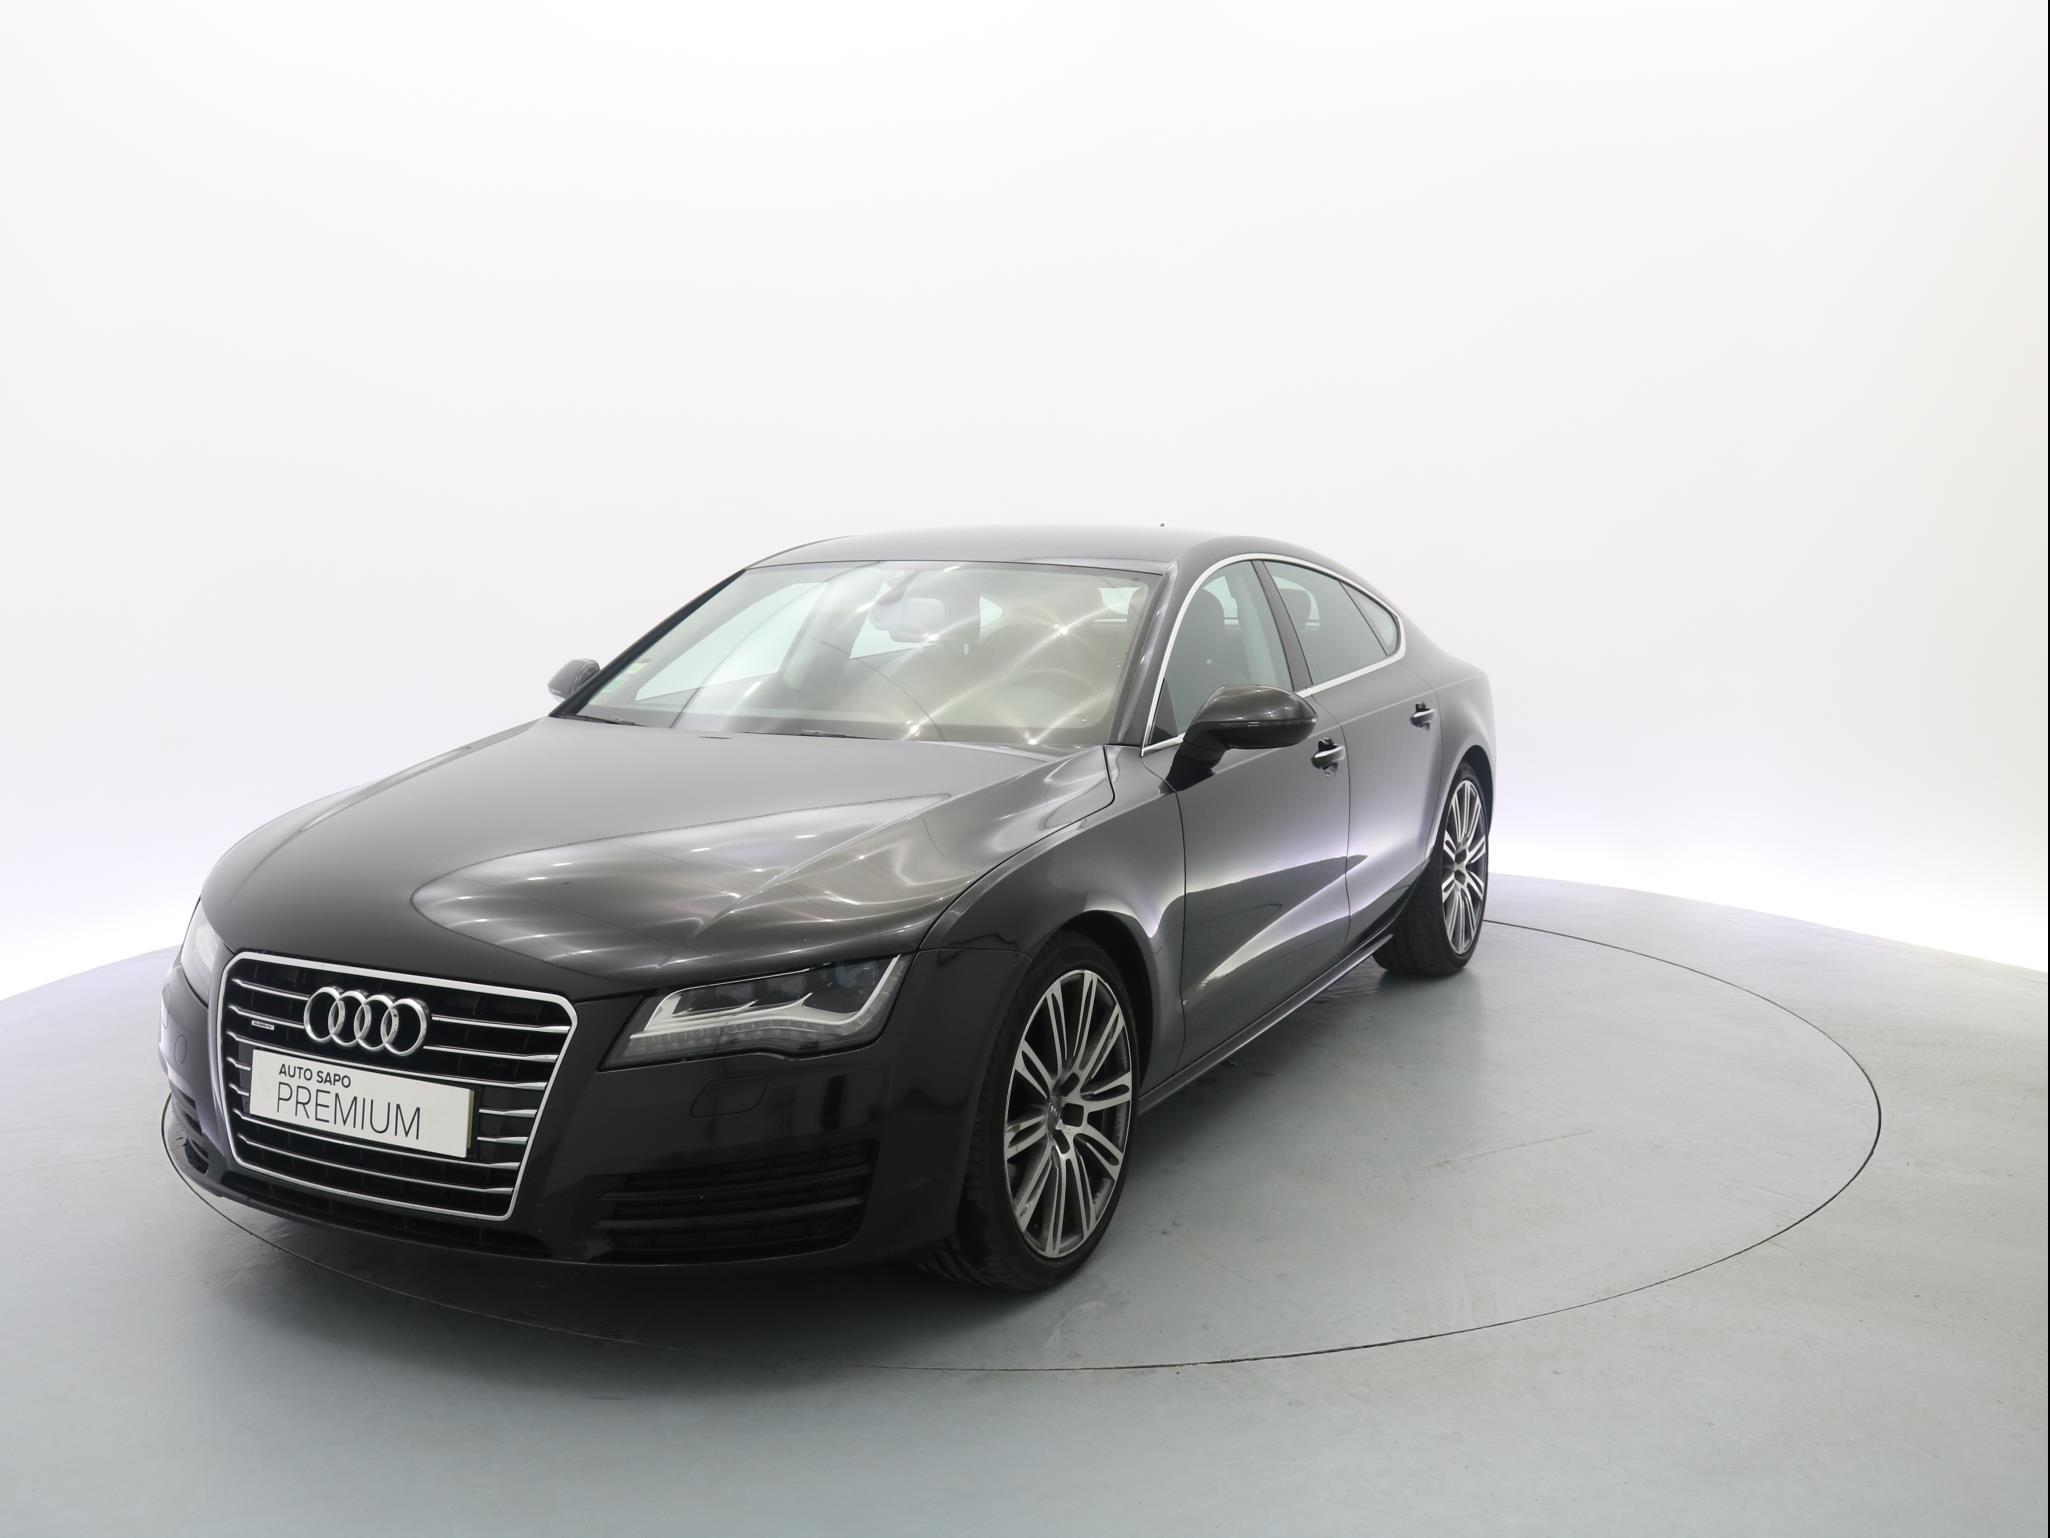 Audi A7 3.0 TDi V6 quattro S tronic (245cv) (5p) (2010 a 2014)